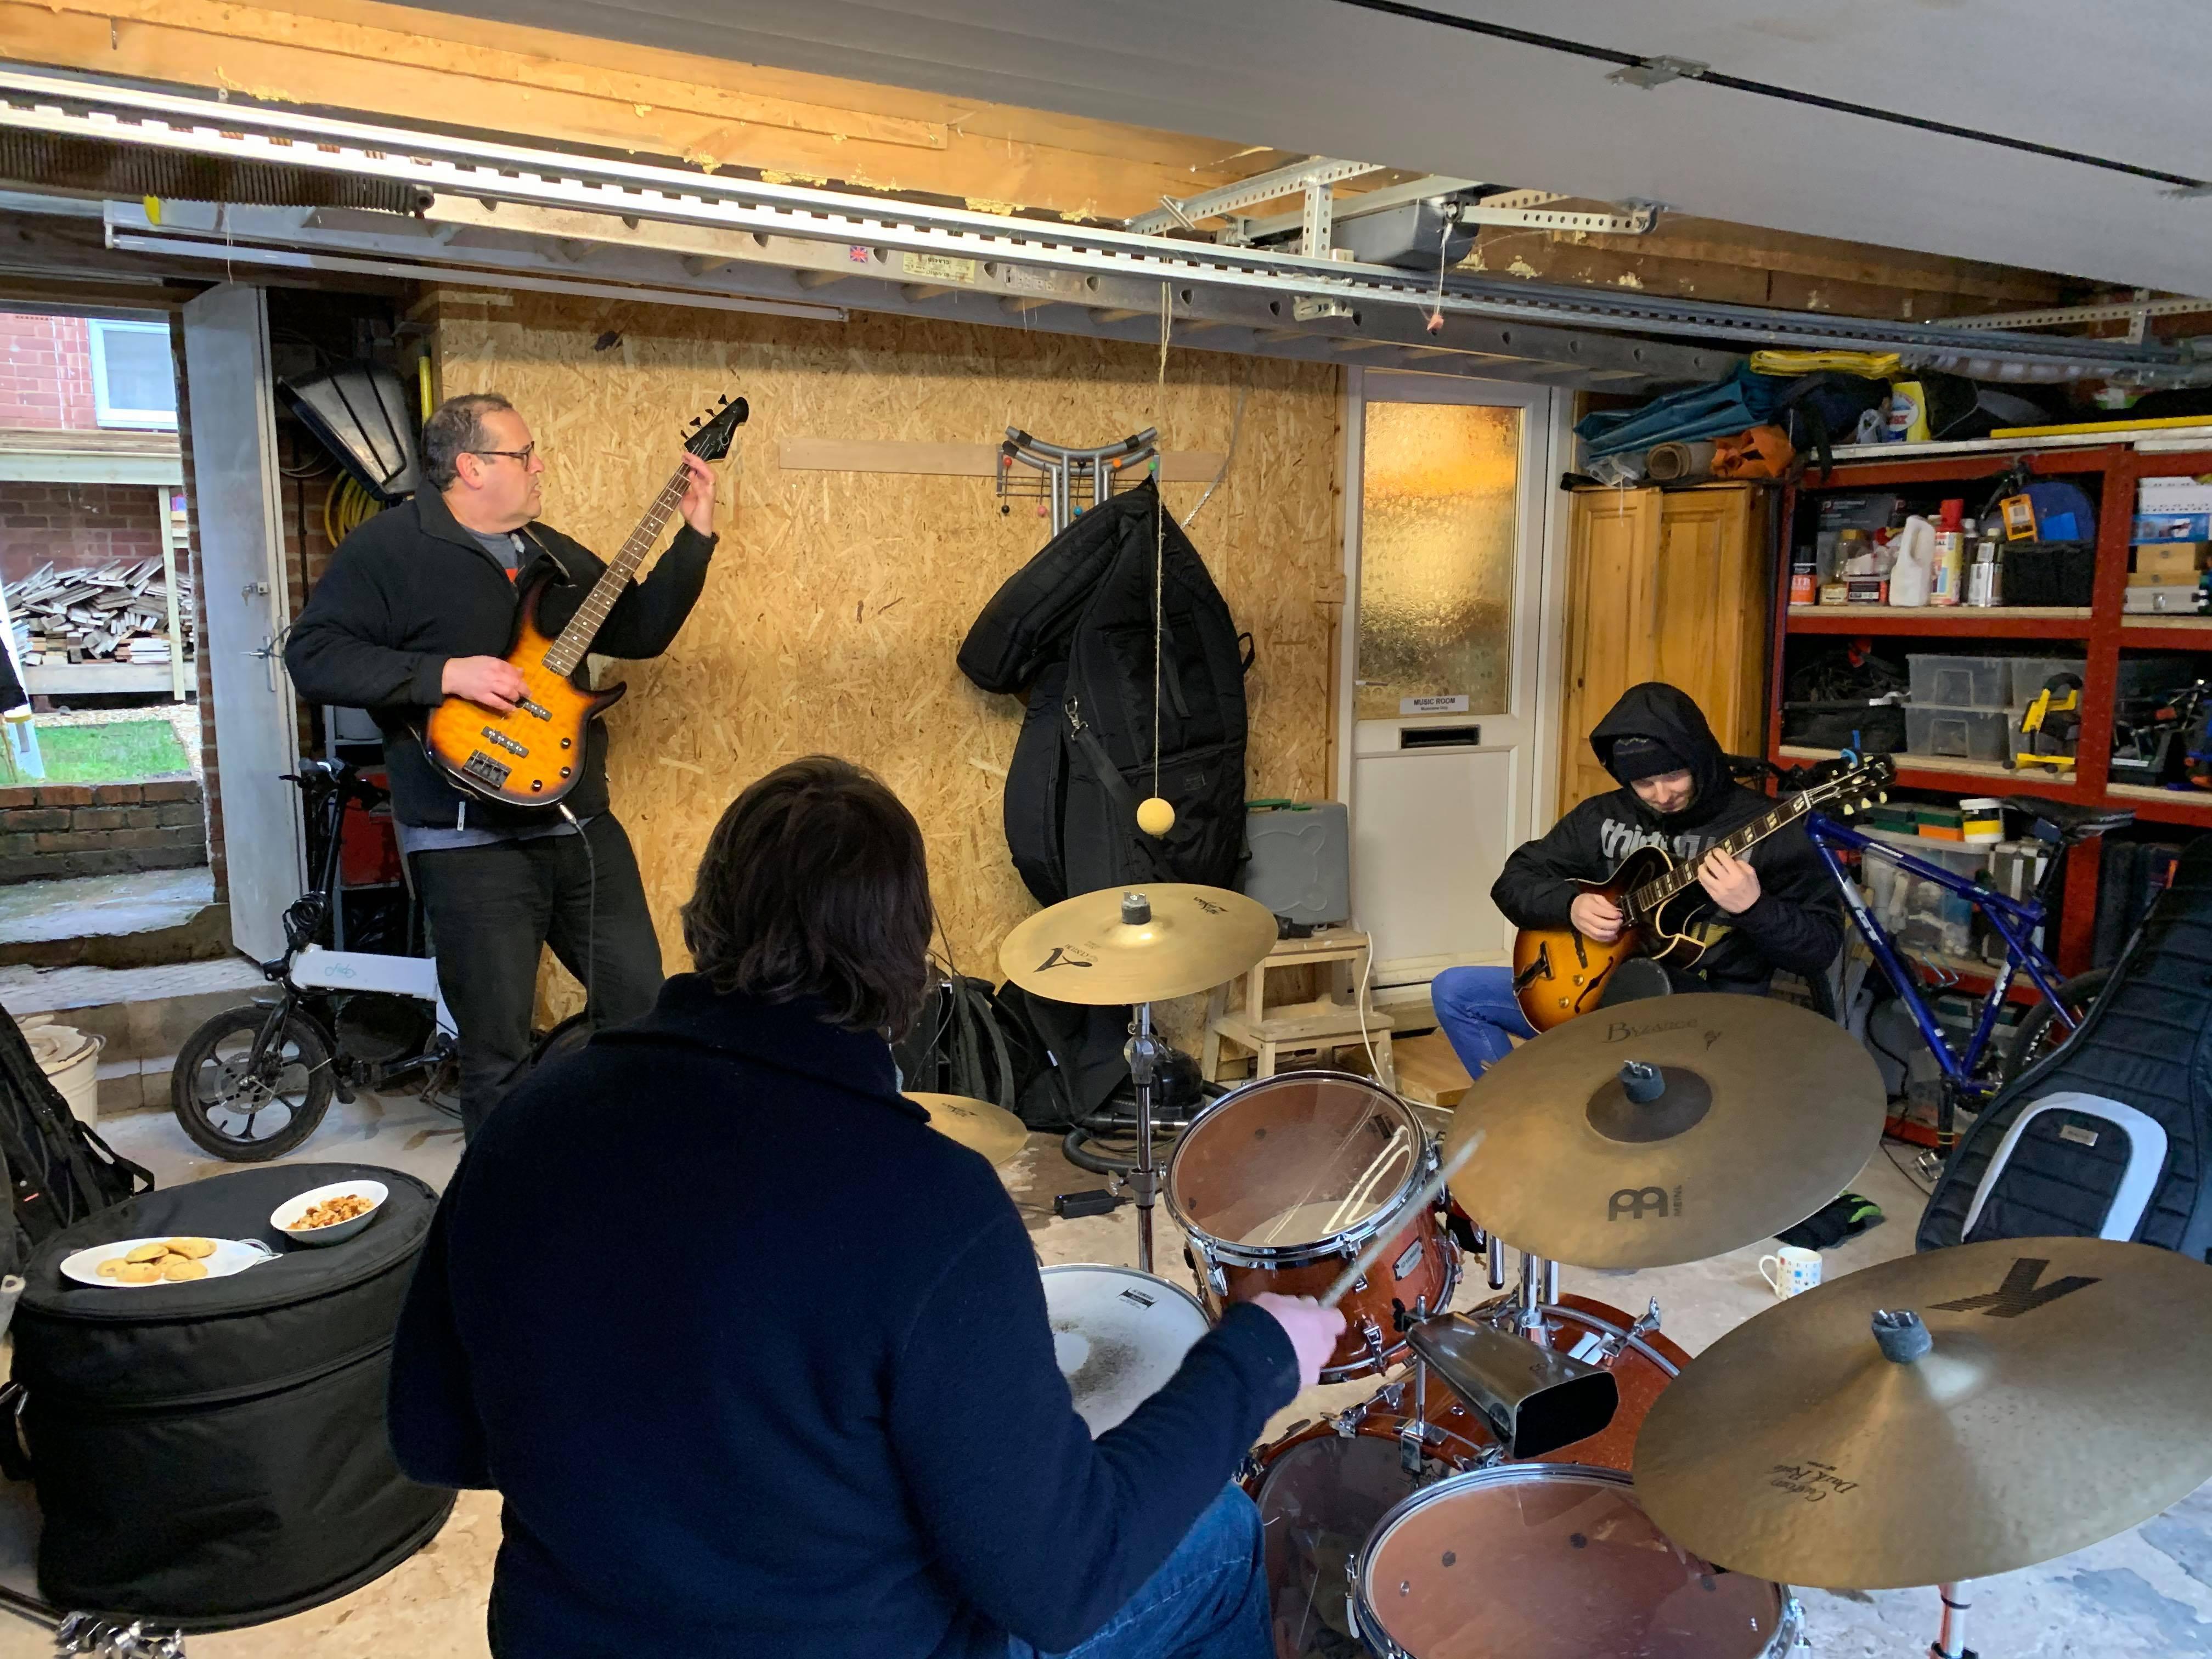 Drum, bass, guitar jamming